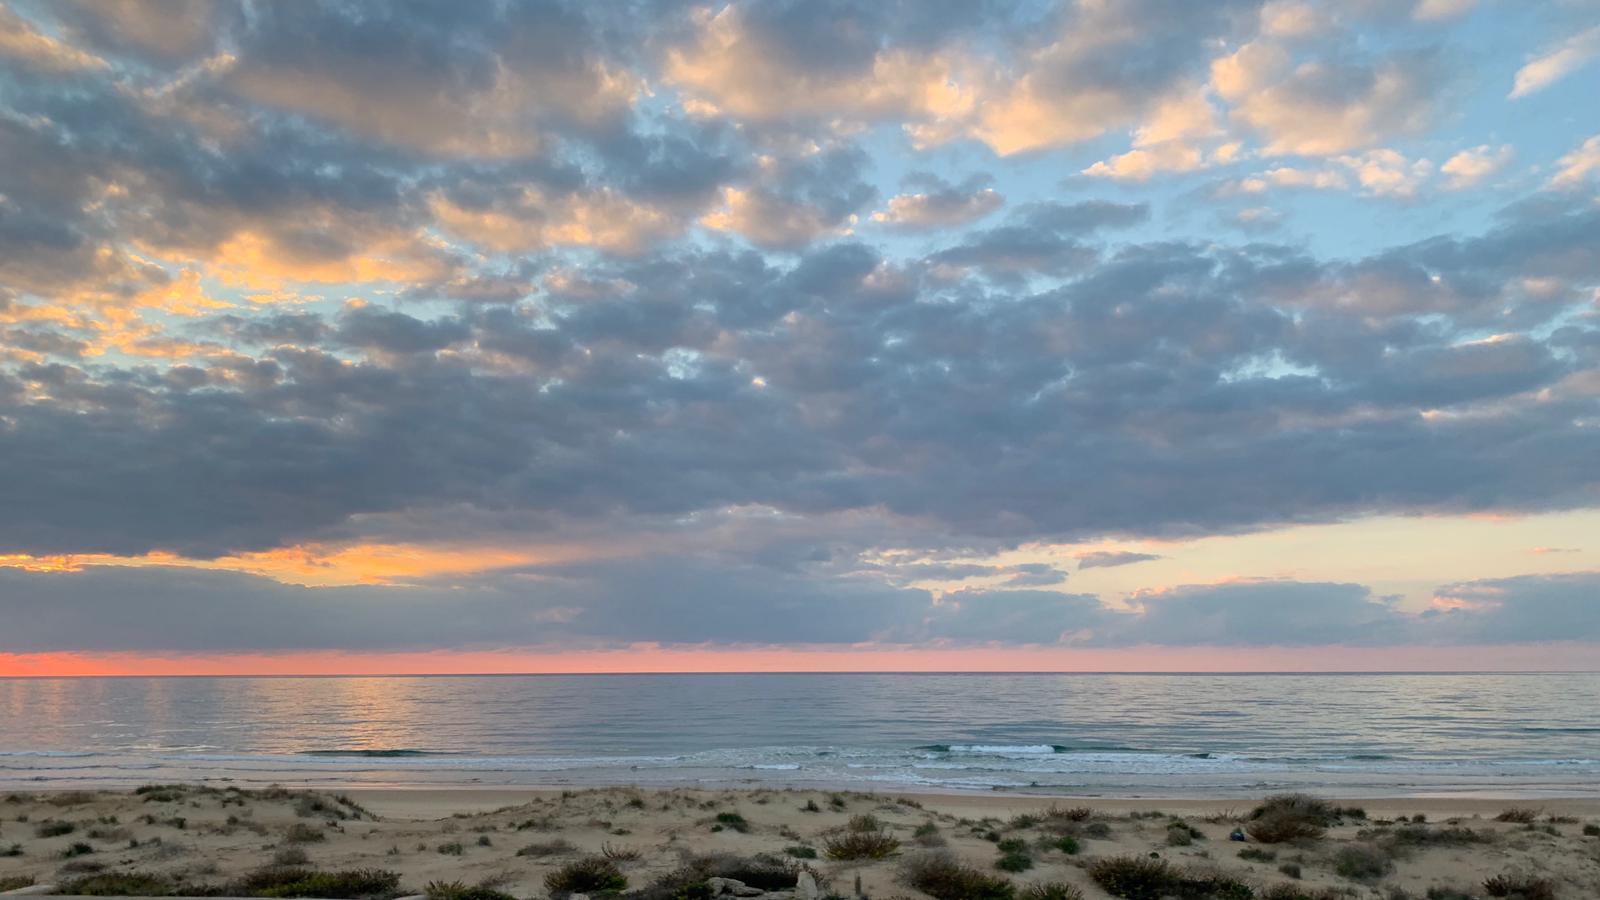 המכחול של היושב במרומים: ערב טוב ישראל עם הנוף המדהים בכביש החוף